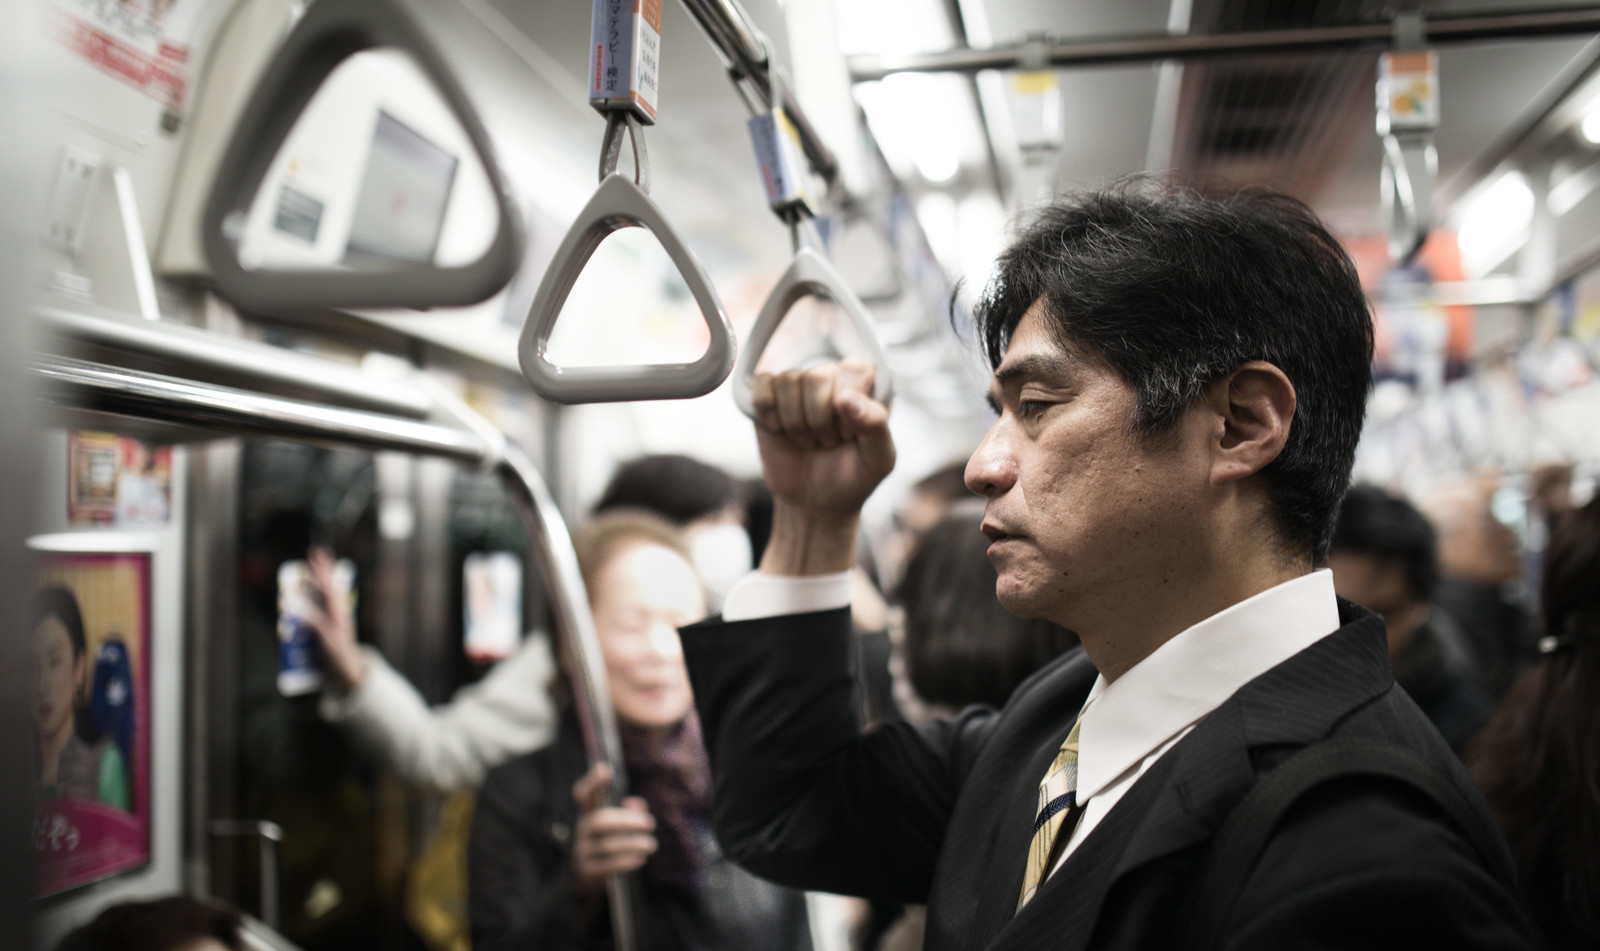 「夜遅くまで勤めて終電で帰る会社役員」の写真[モデル:よたか]